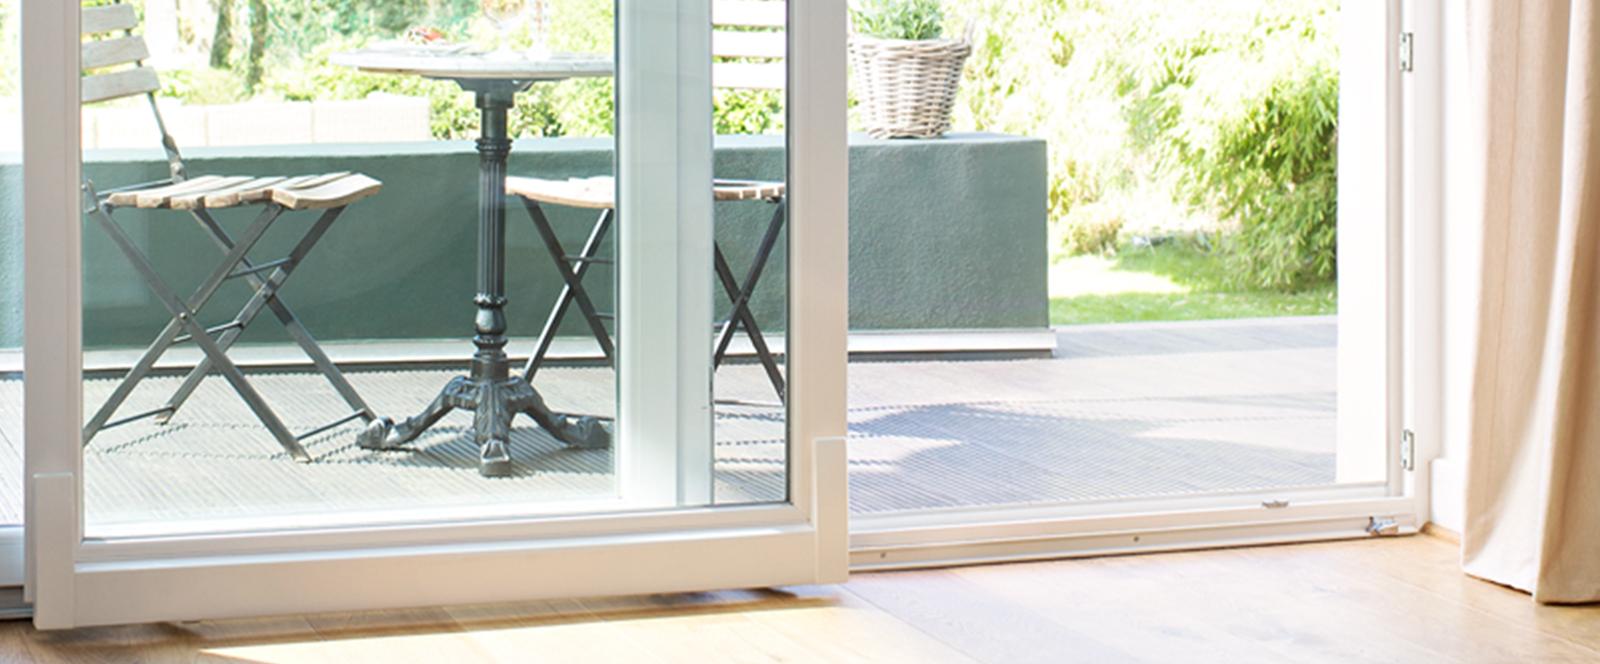 sliding doors. Black Bedroom Furniture Sets. Home Design Ideas